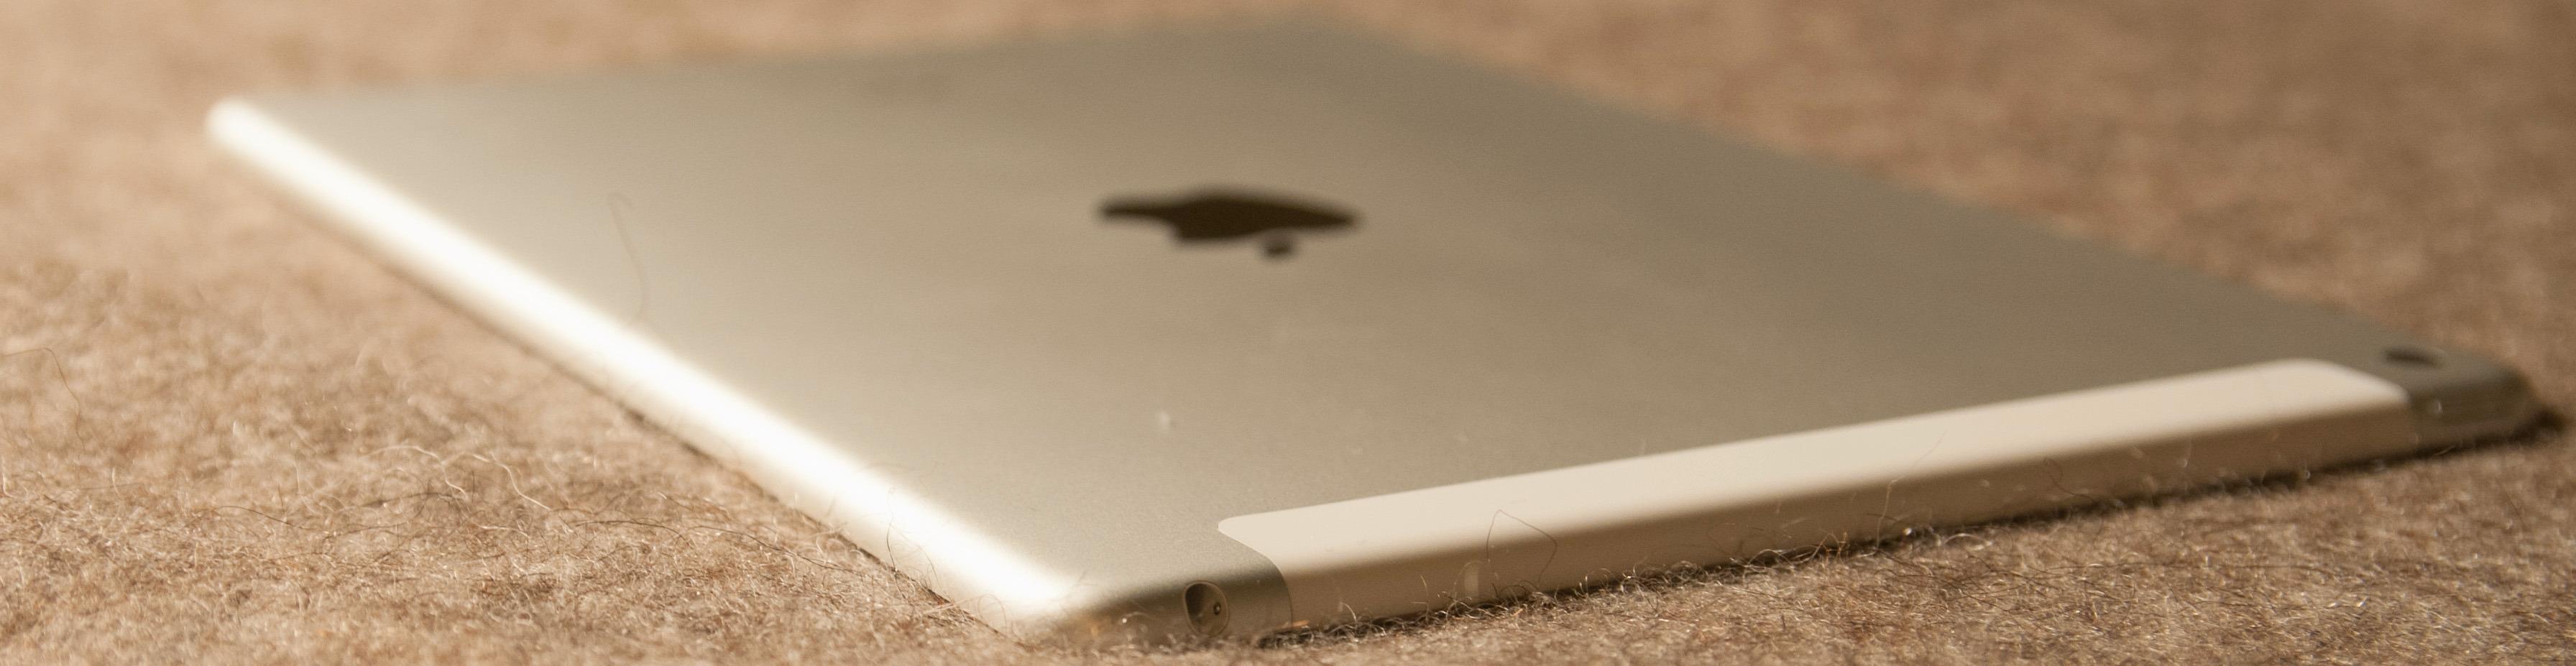 iPad Air 2 er ekstremt tynt, men ikke dramatisk tynnere enn andre nettbrett, så som Sonys Xperia Tablet Z2.Foto: Finn Jarle Kvalheim, Tek.no